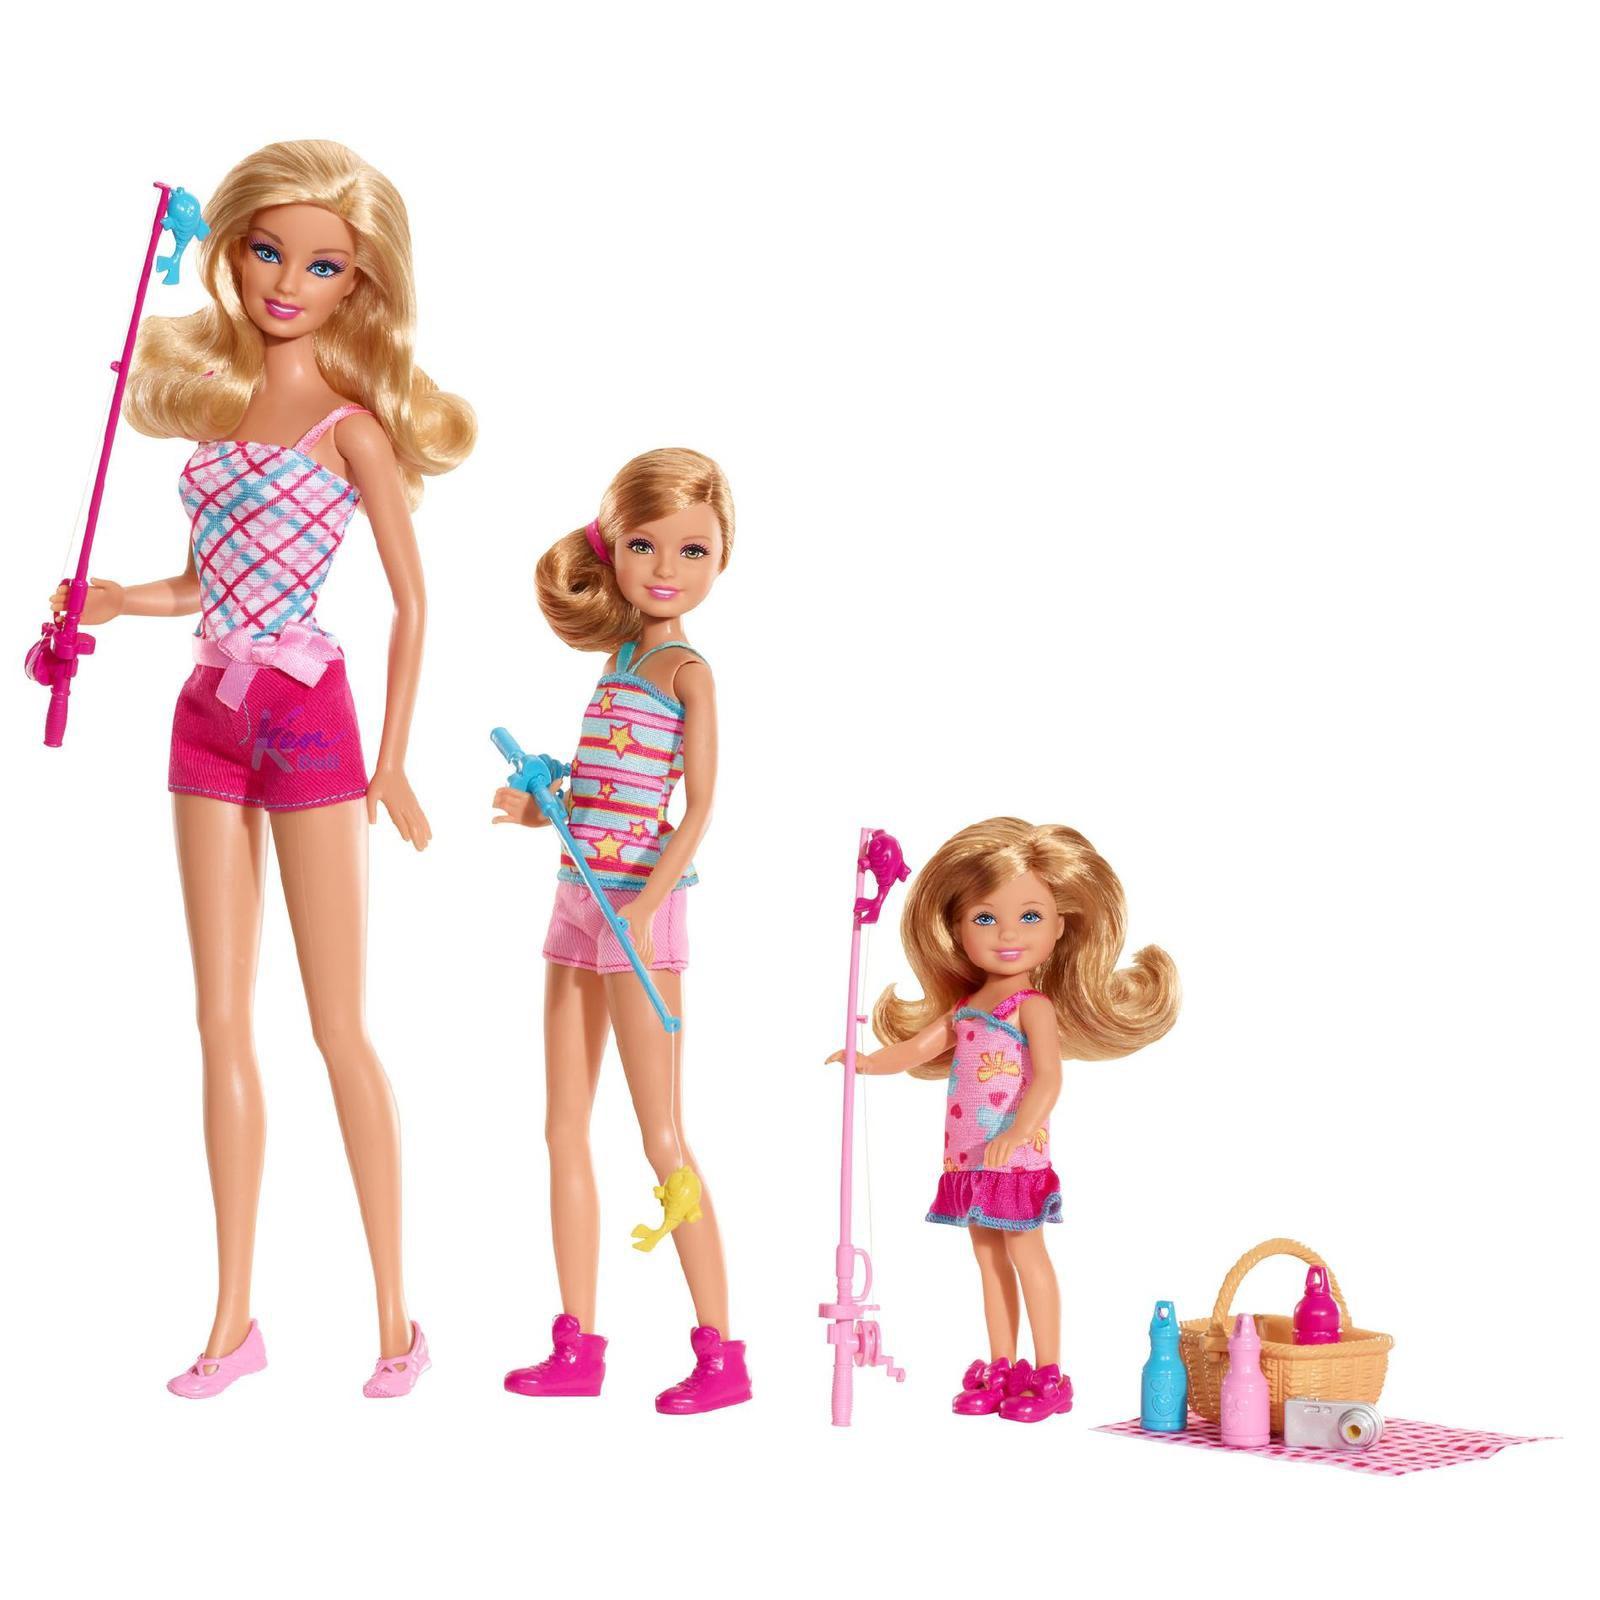 É a pescaria legal das irmãs que vem a Barbie Stacie & Chelsea  #B31845 1600x1600 Banheiro Da Barbie Lojas Americanas